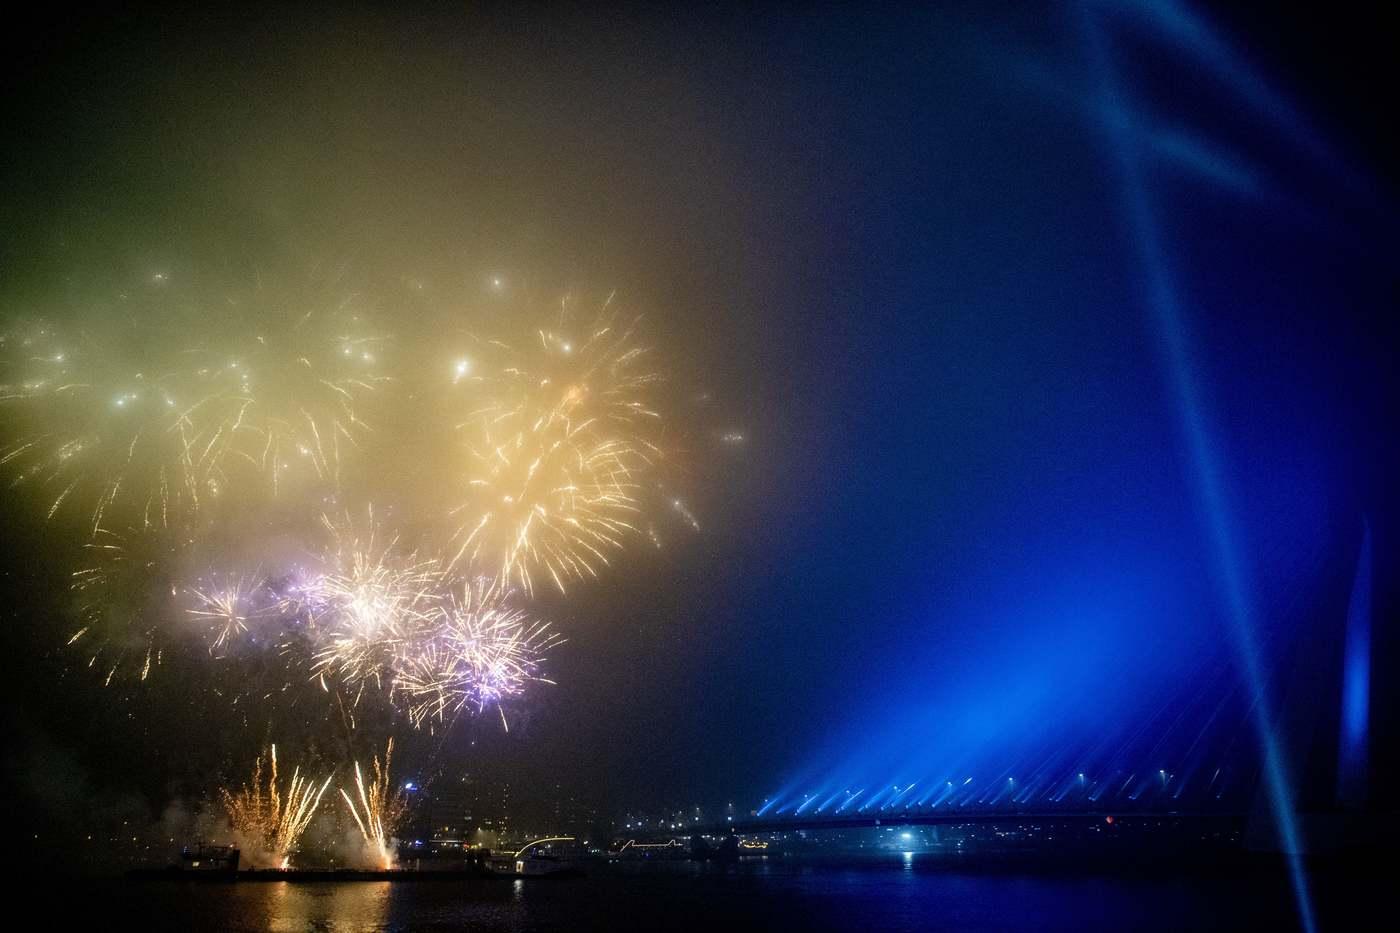 Rotterdamban nem várták meg az éjfél a tűzijátékkal